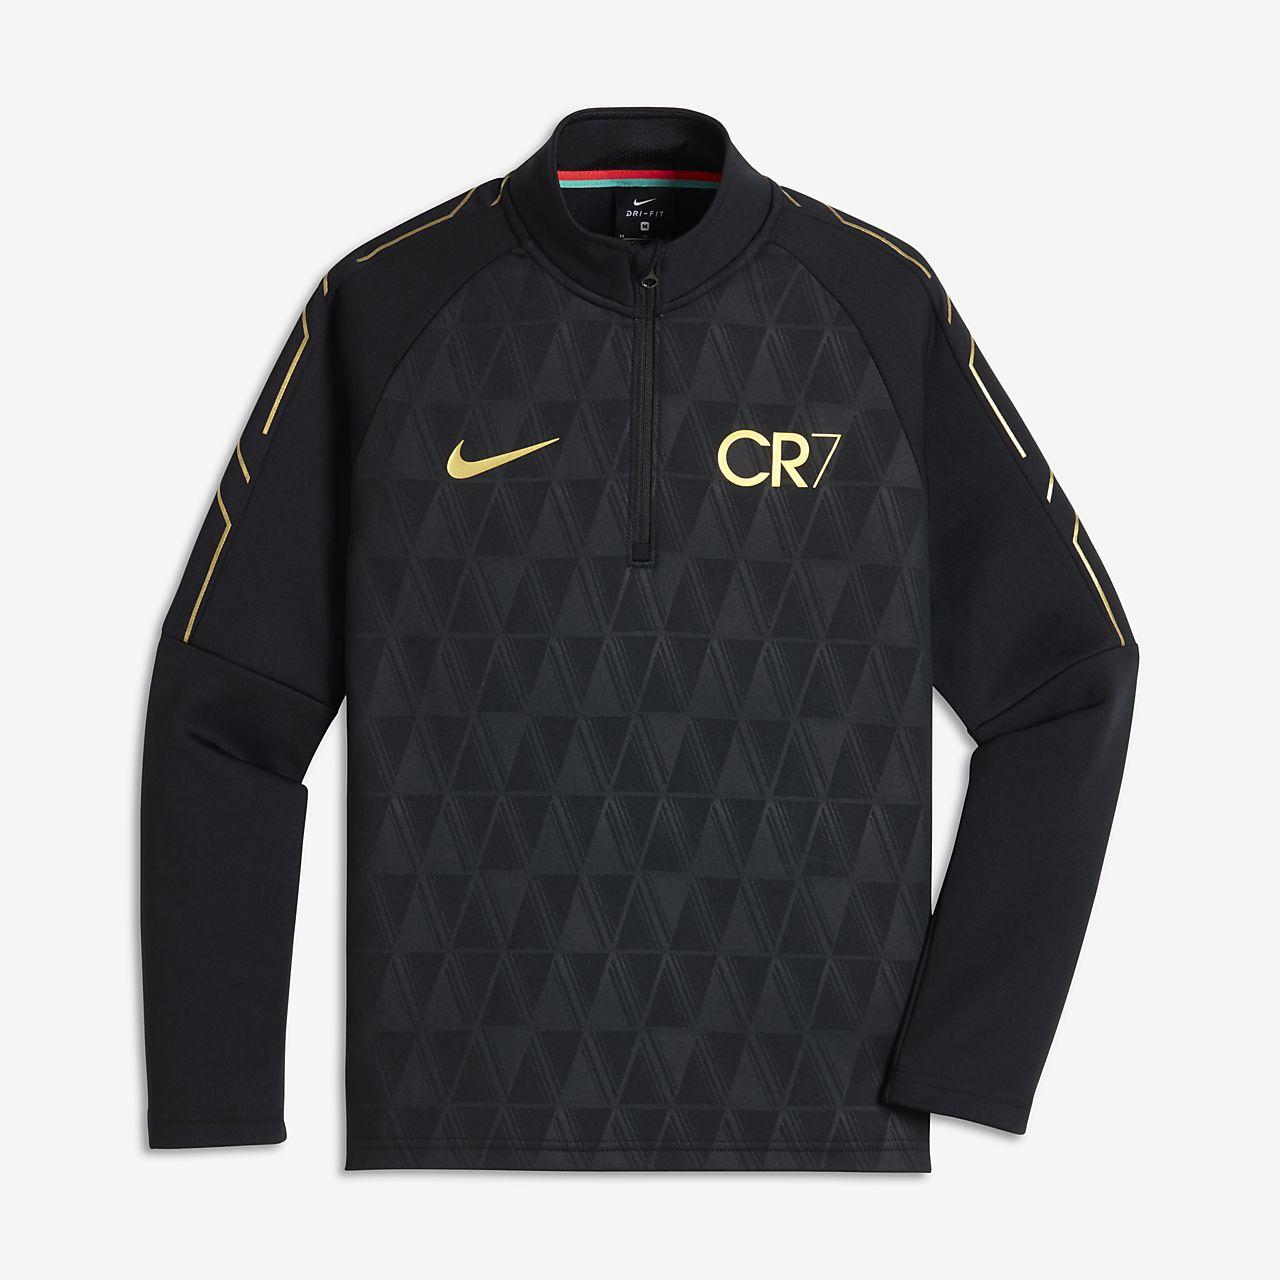 cr7 shirt nike